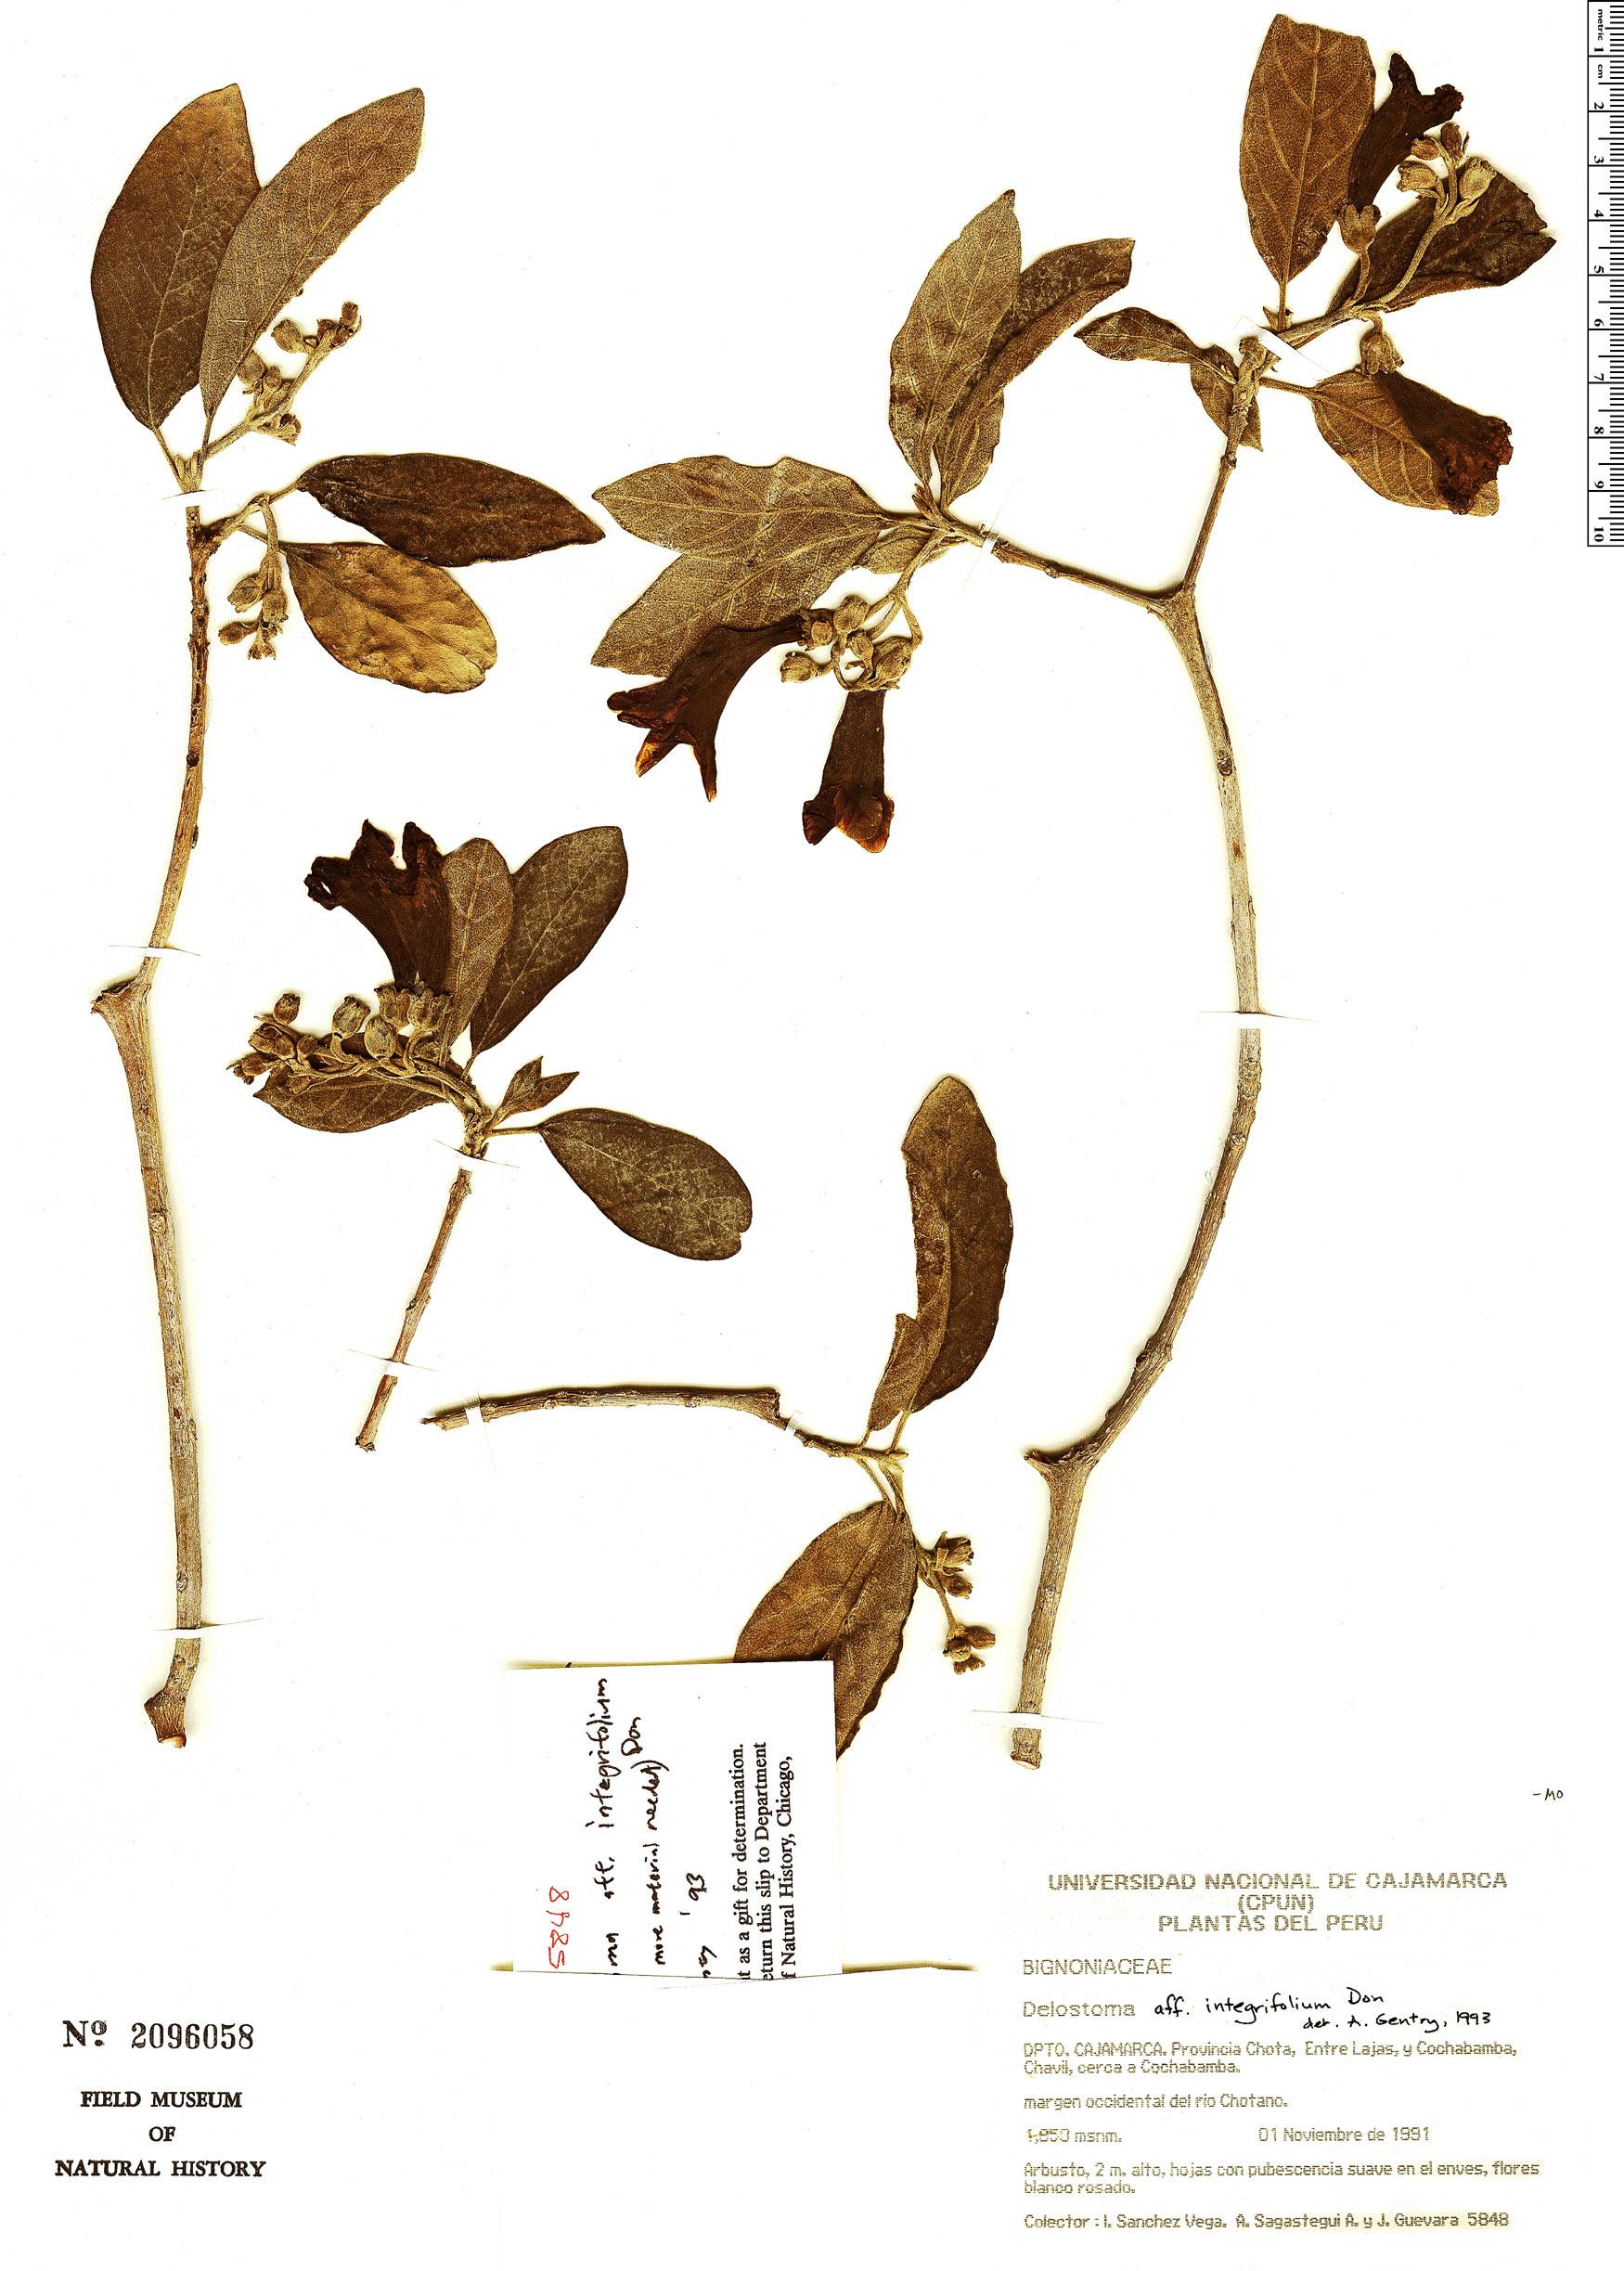 Espécimen: Delostoma integrifolium